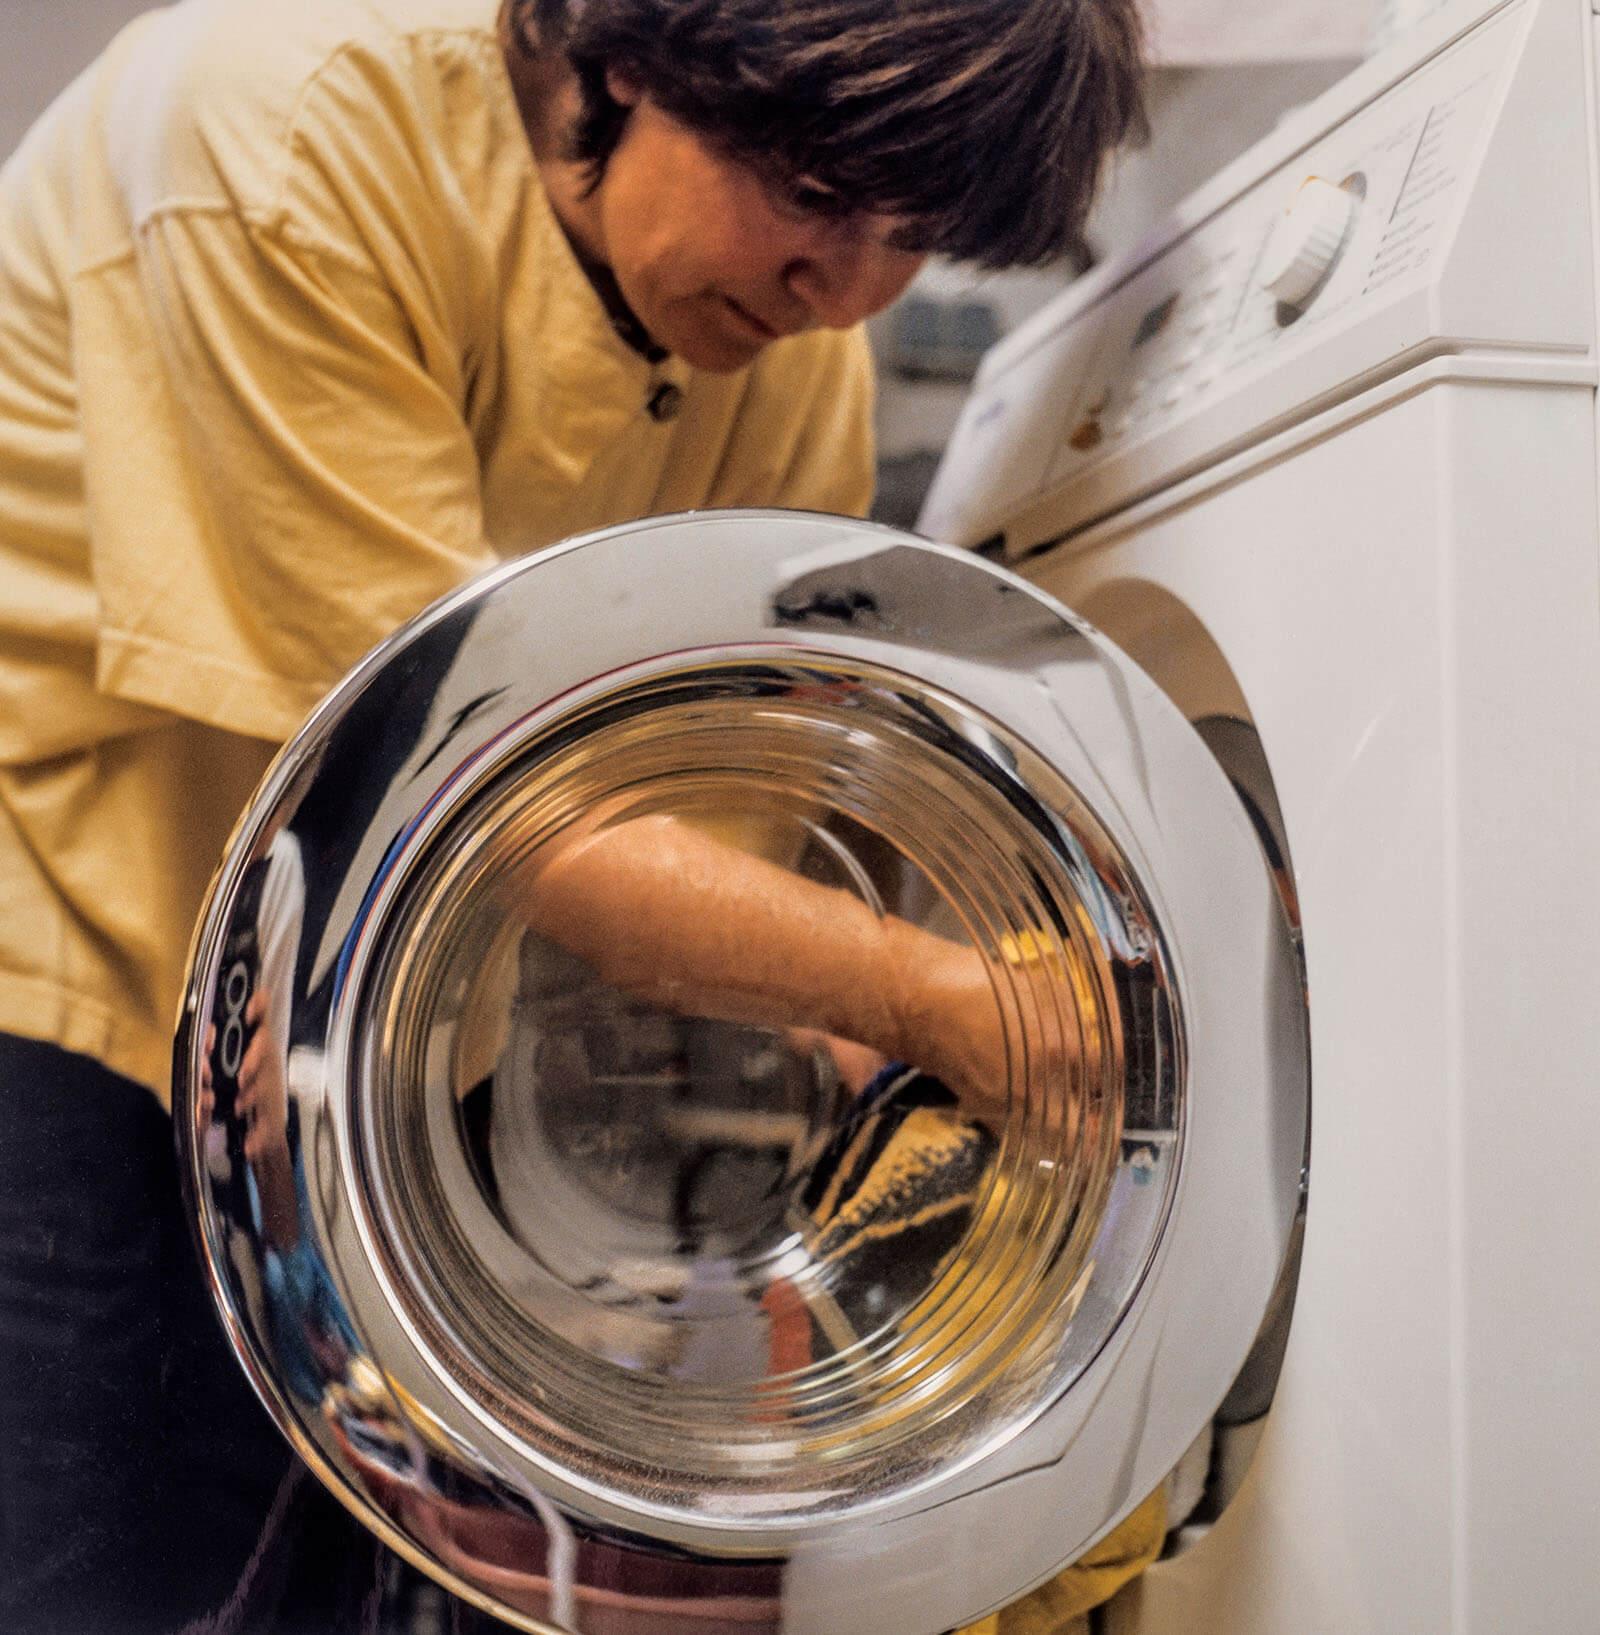 Miele Waschmaschinenring aus Zinkdruckguss